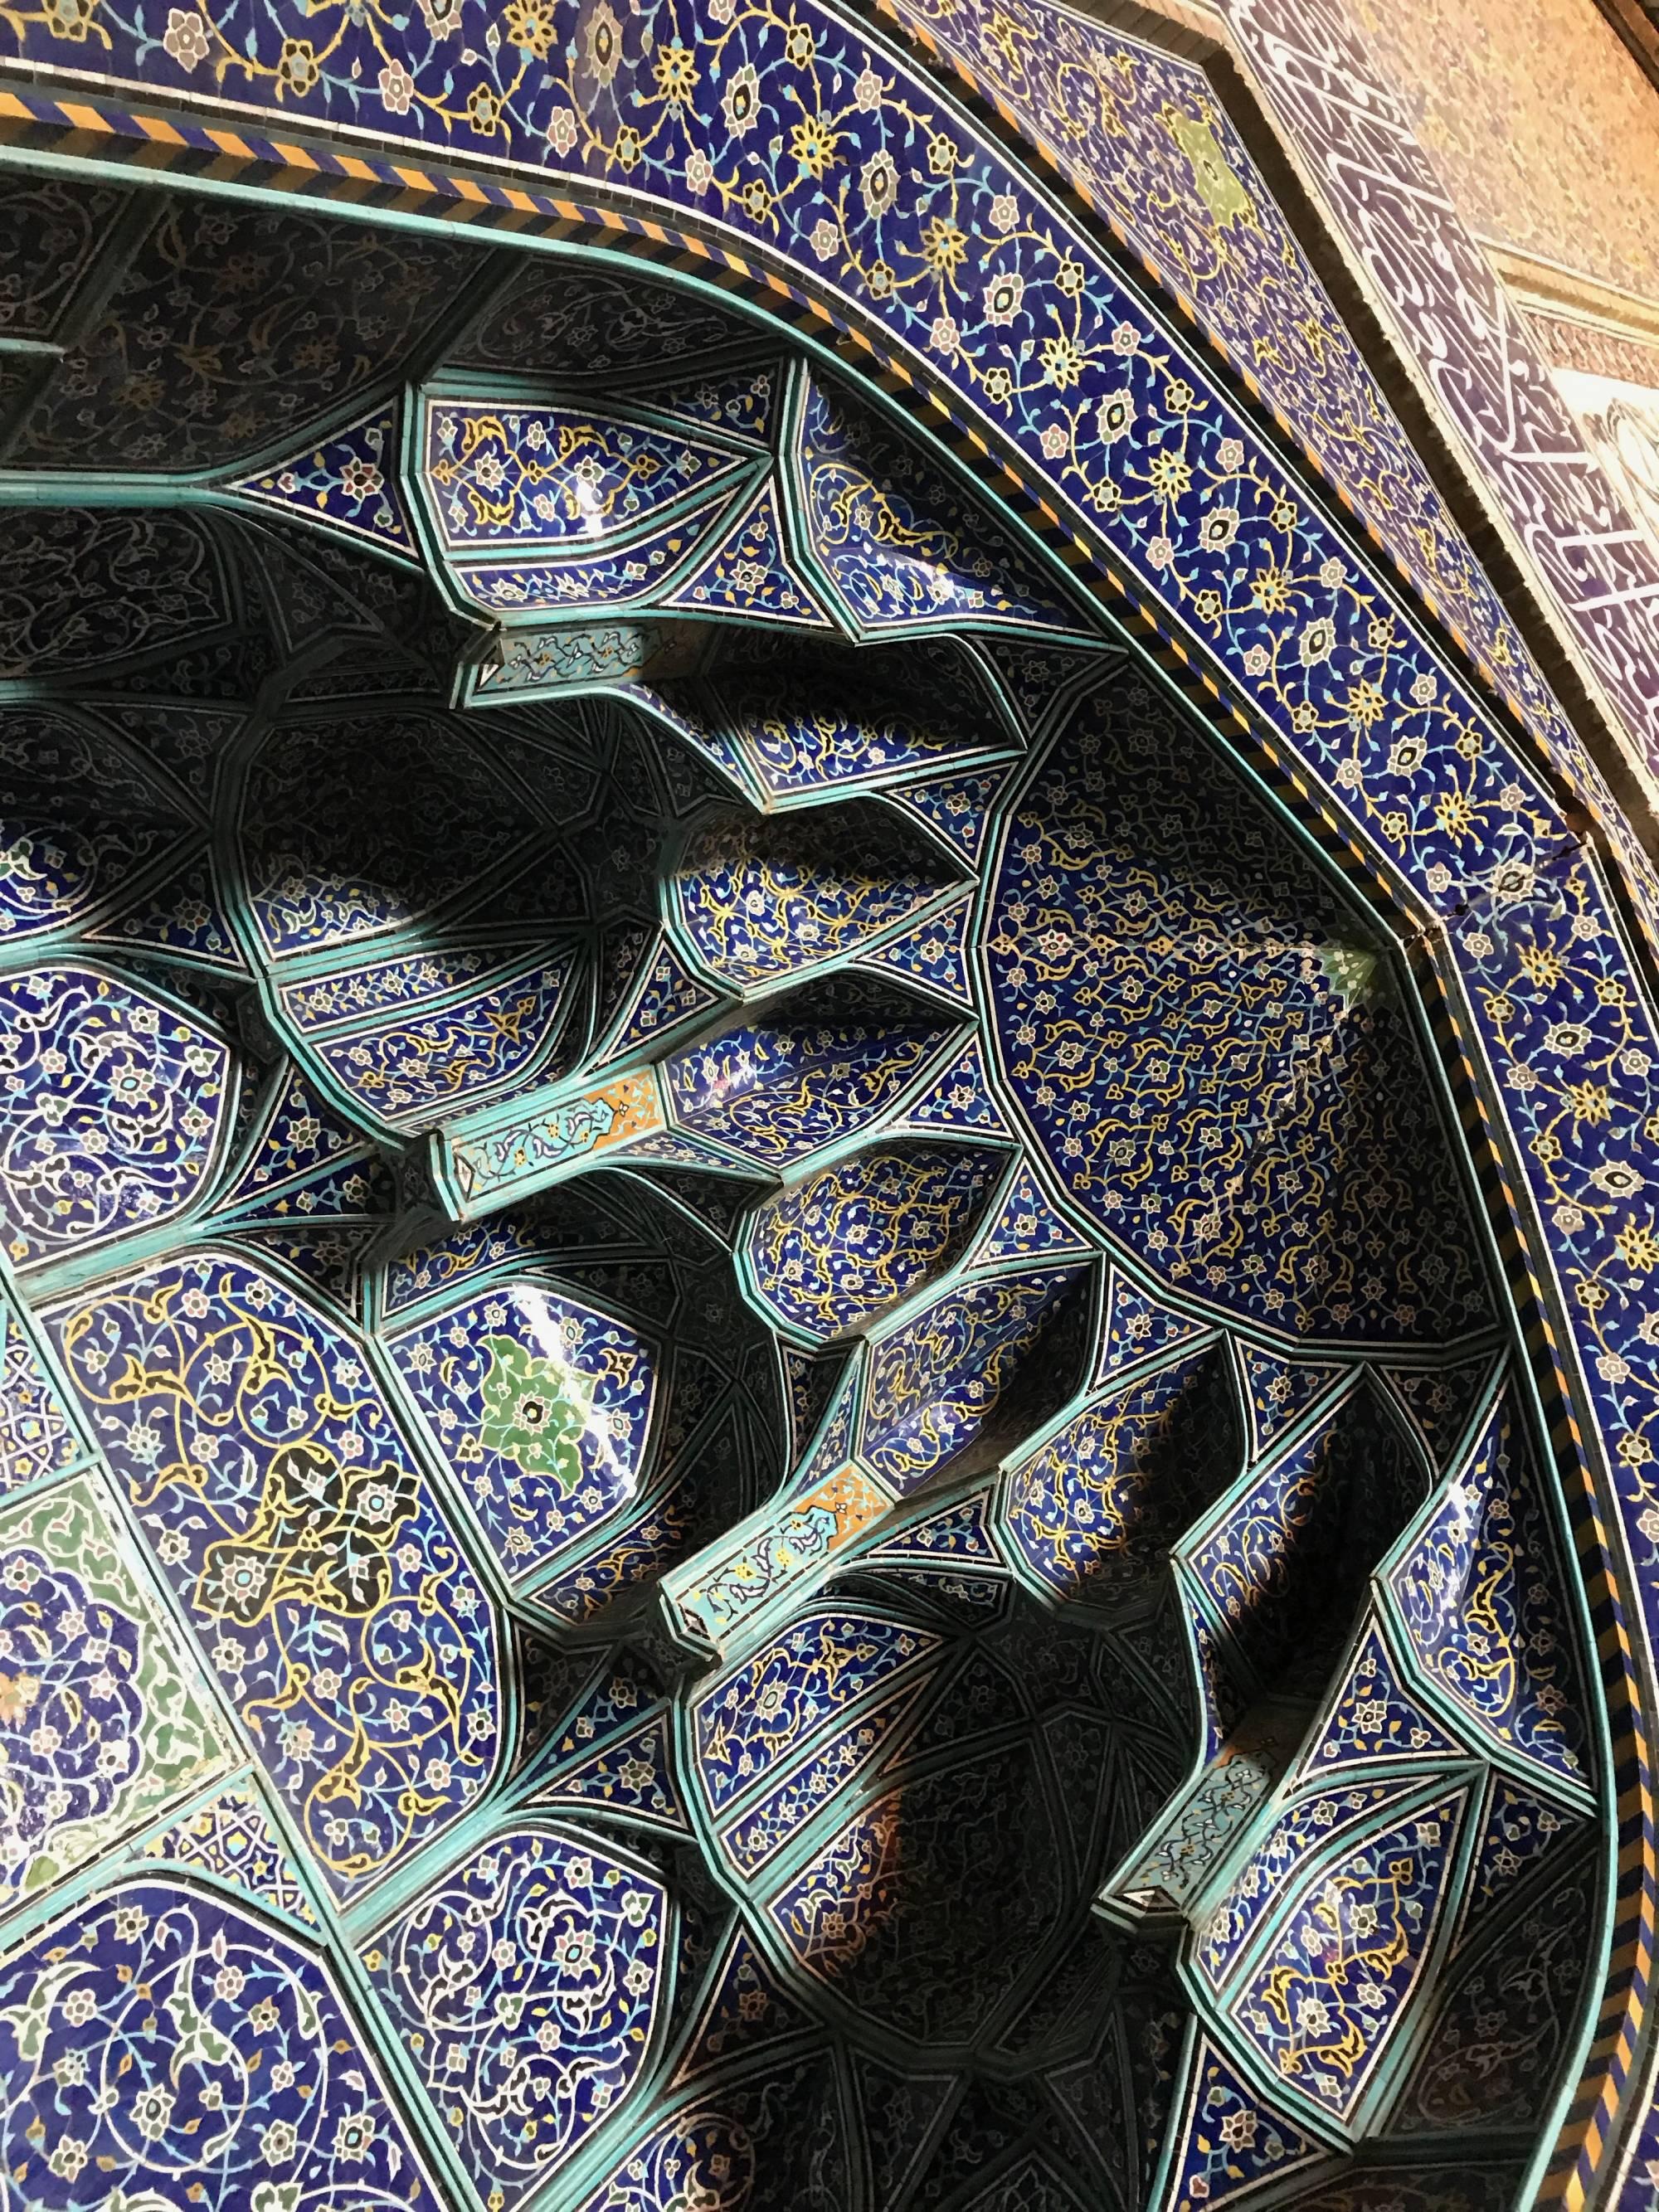 Shah Mosque (مسجد شاه), Isfahan